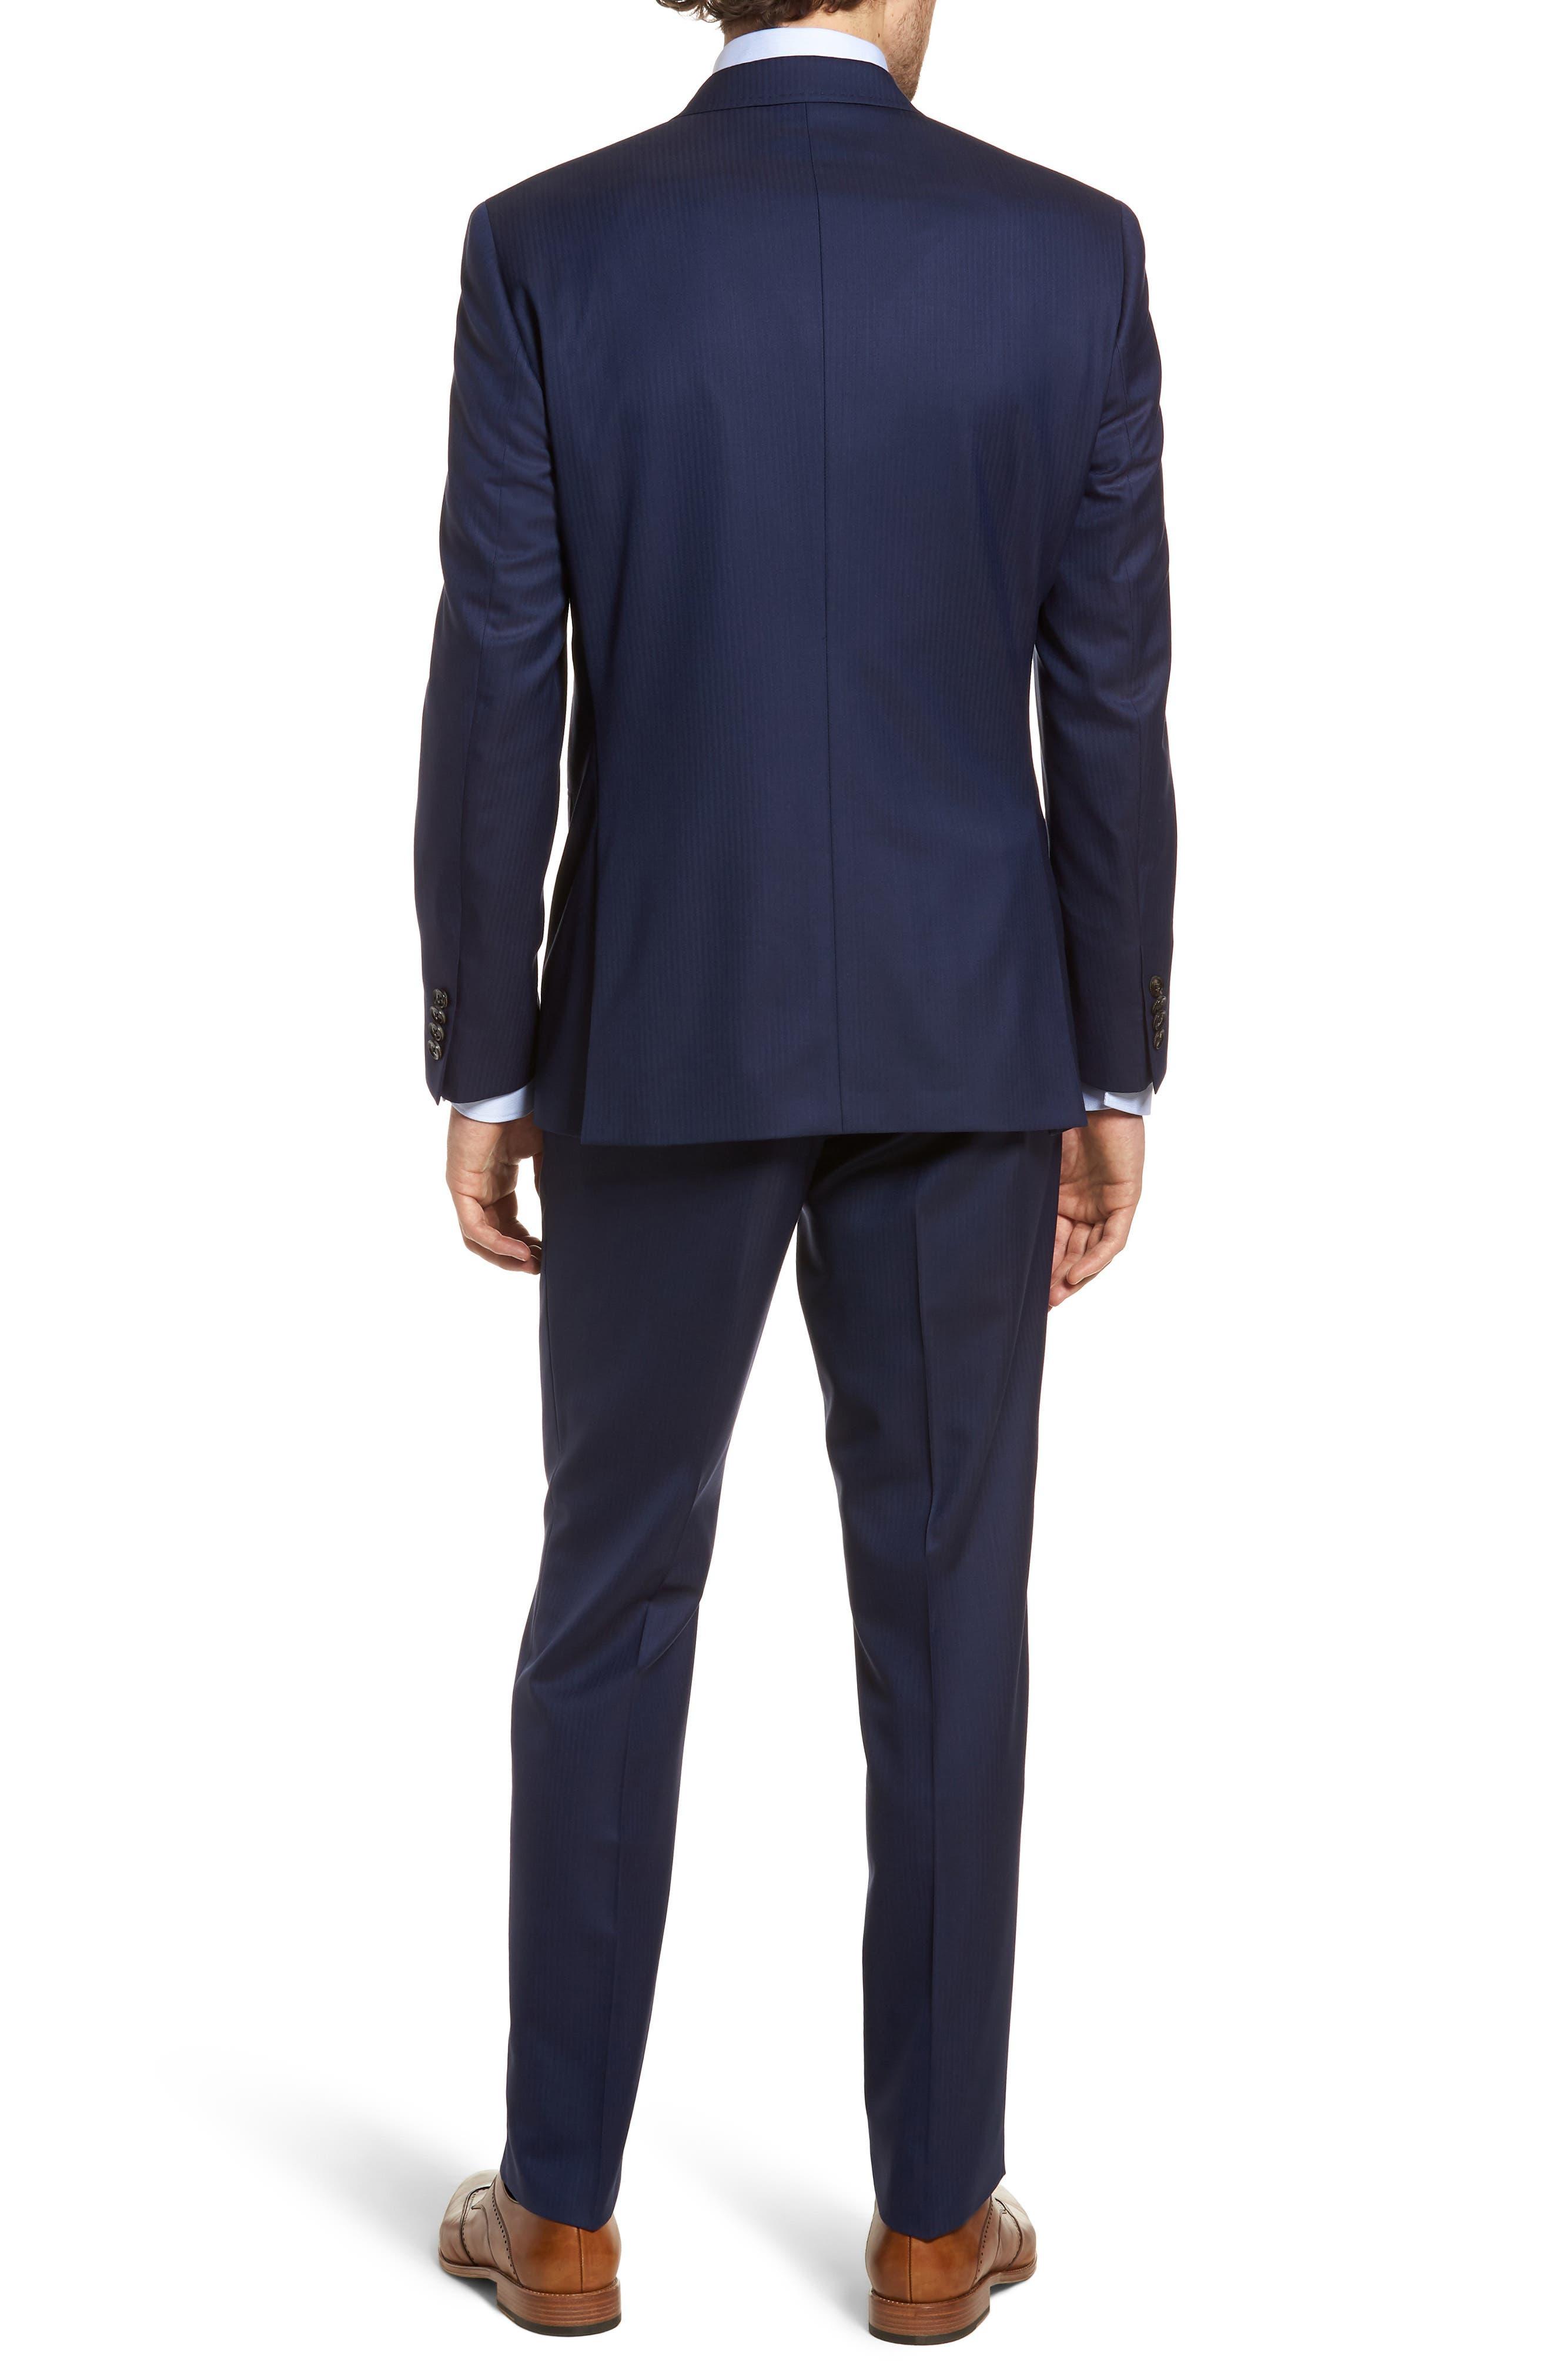 Jay Trim Fit Stripe Wool Suit,                             Alternate thumbnail 2, color,                             410